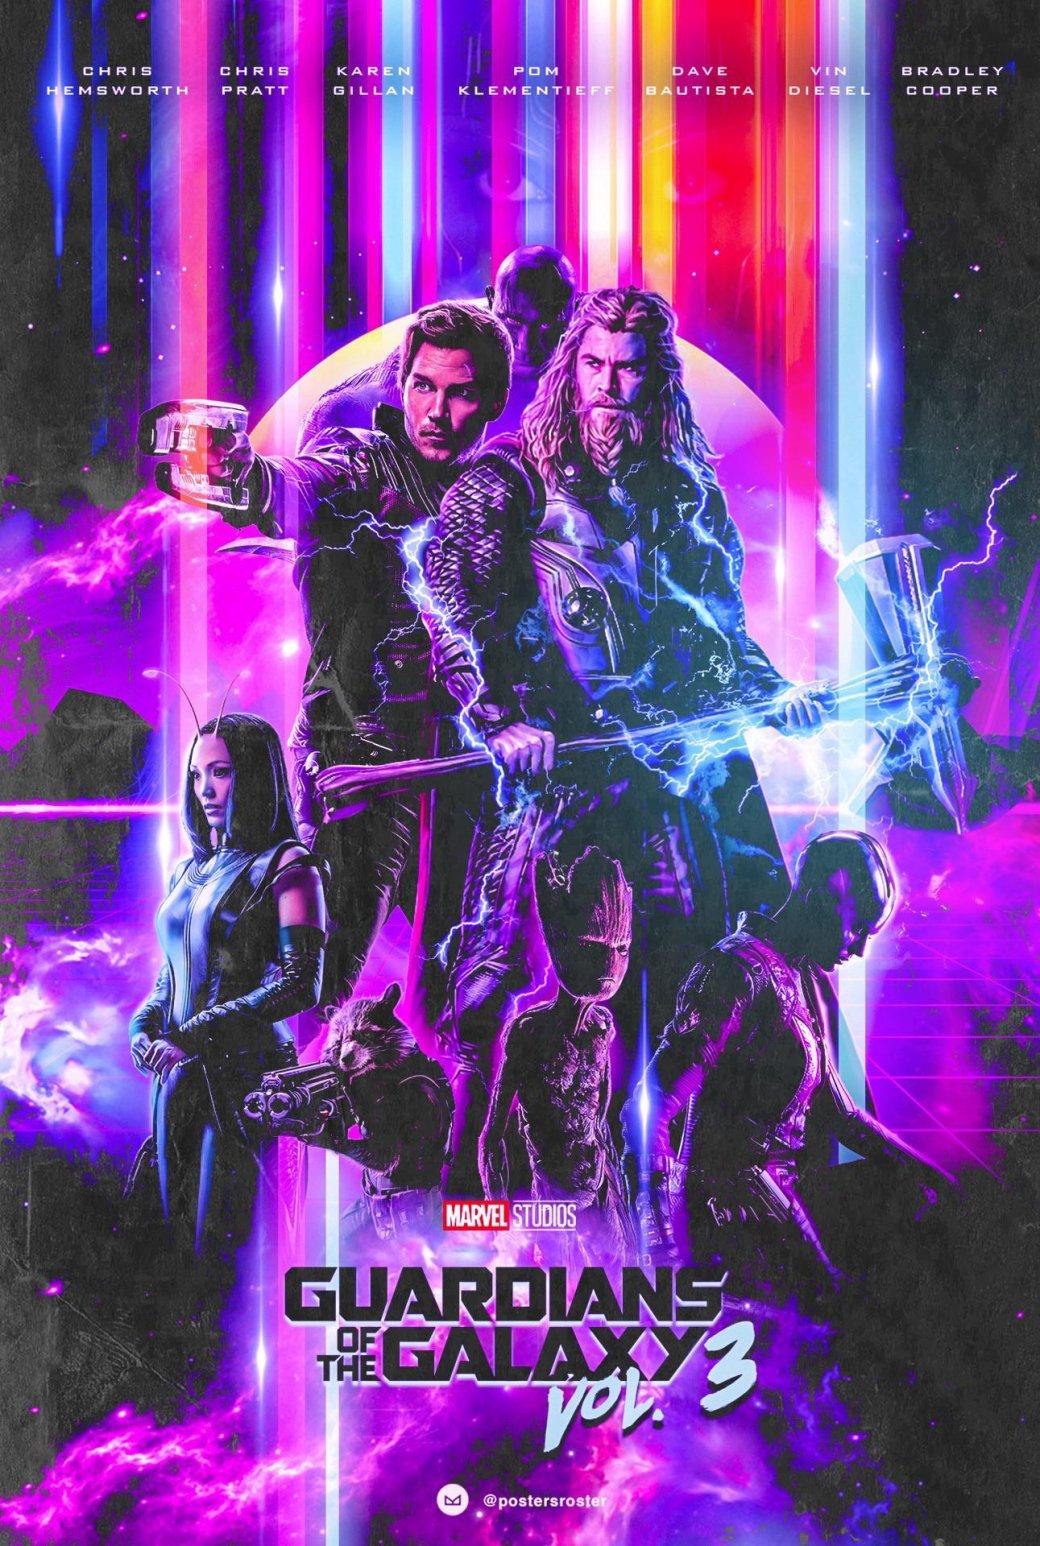 Фанатский постер «Стражей Галактики 3» настолько стильный, что ему впору быть официальным | Канобу - Изображение 2